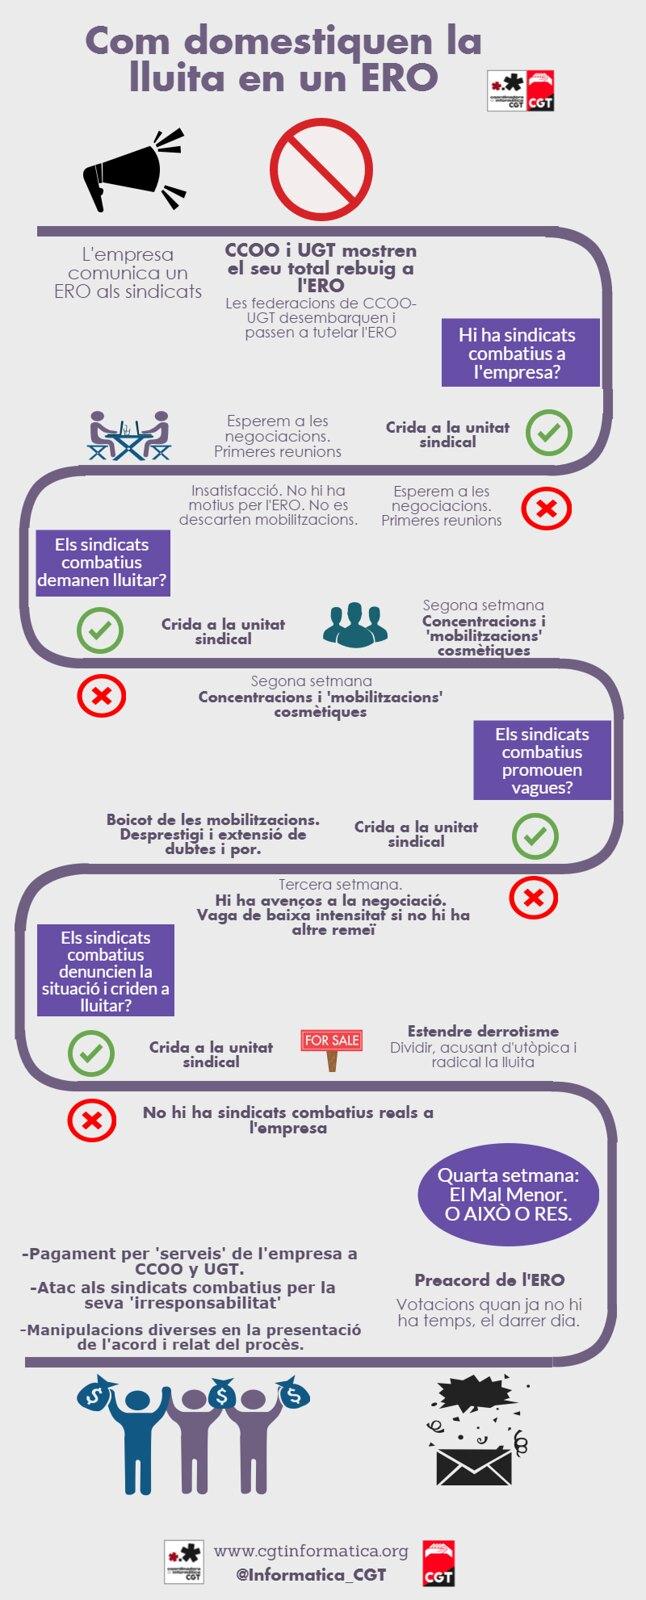 Infografia de com domestiquen la lluita en un ERO, massa habitual en CCOO i UGT